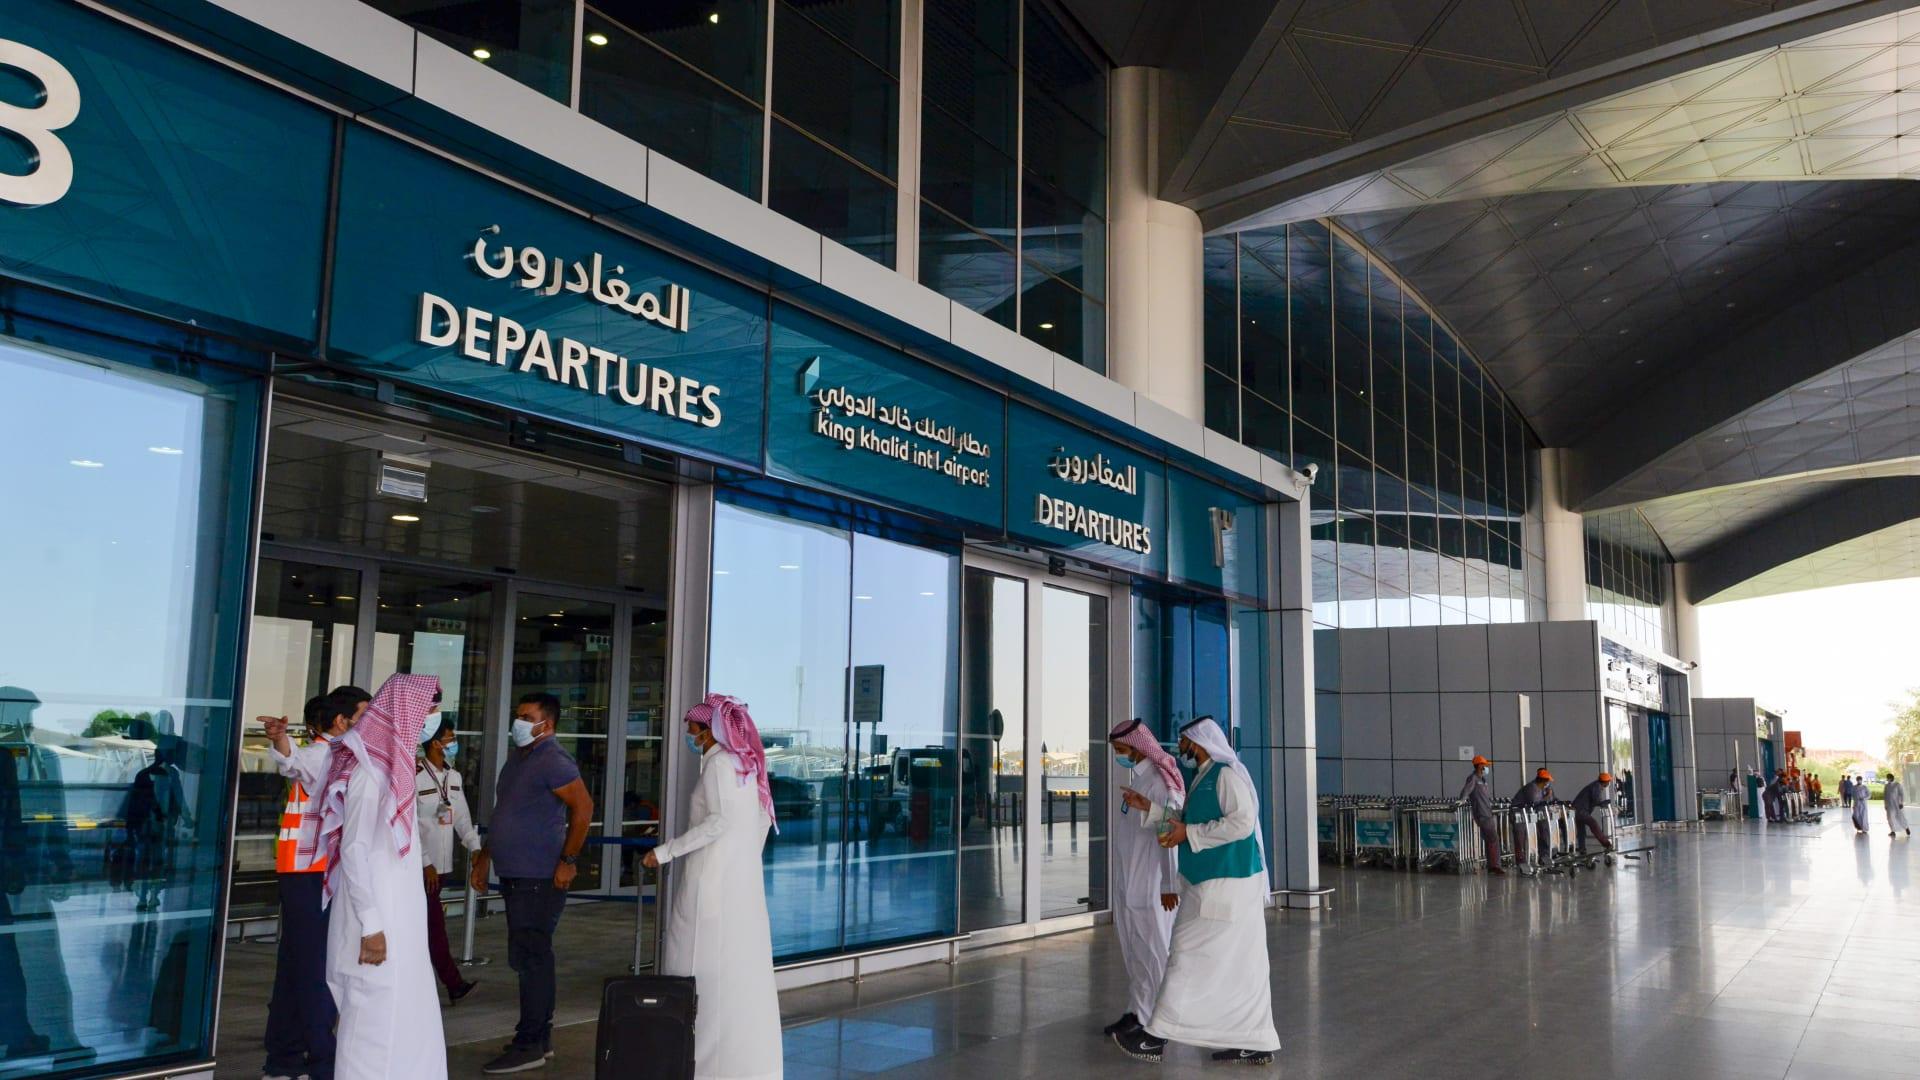 رقم مطار الملك خالد الدولي